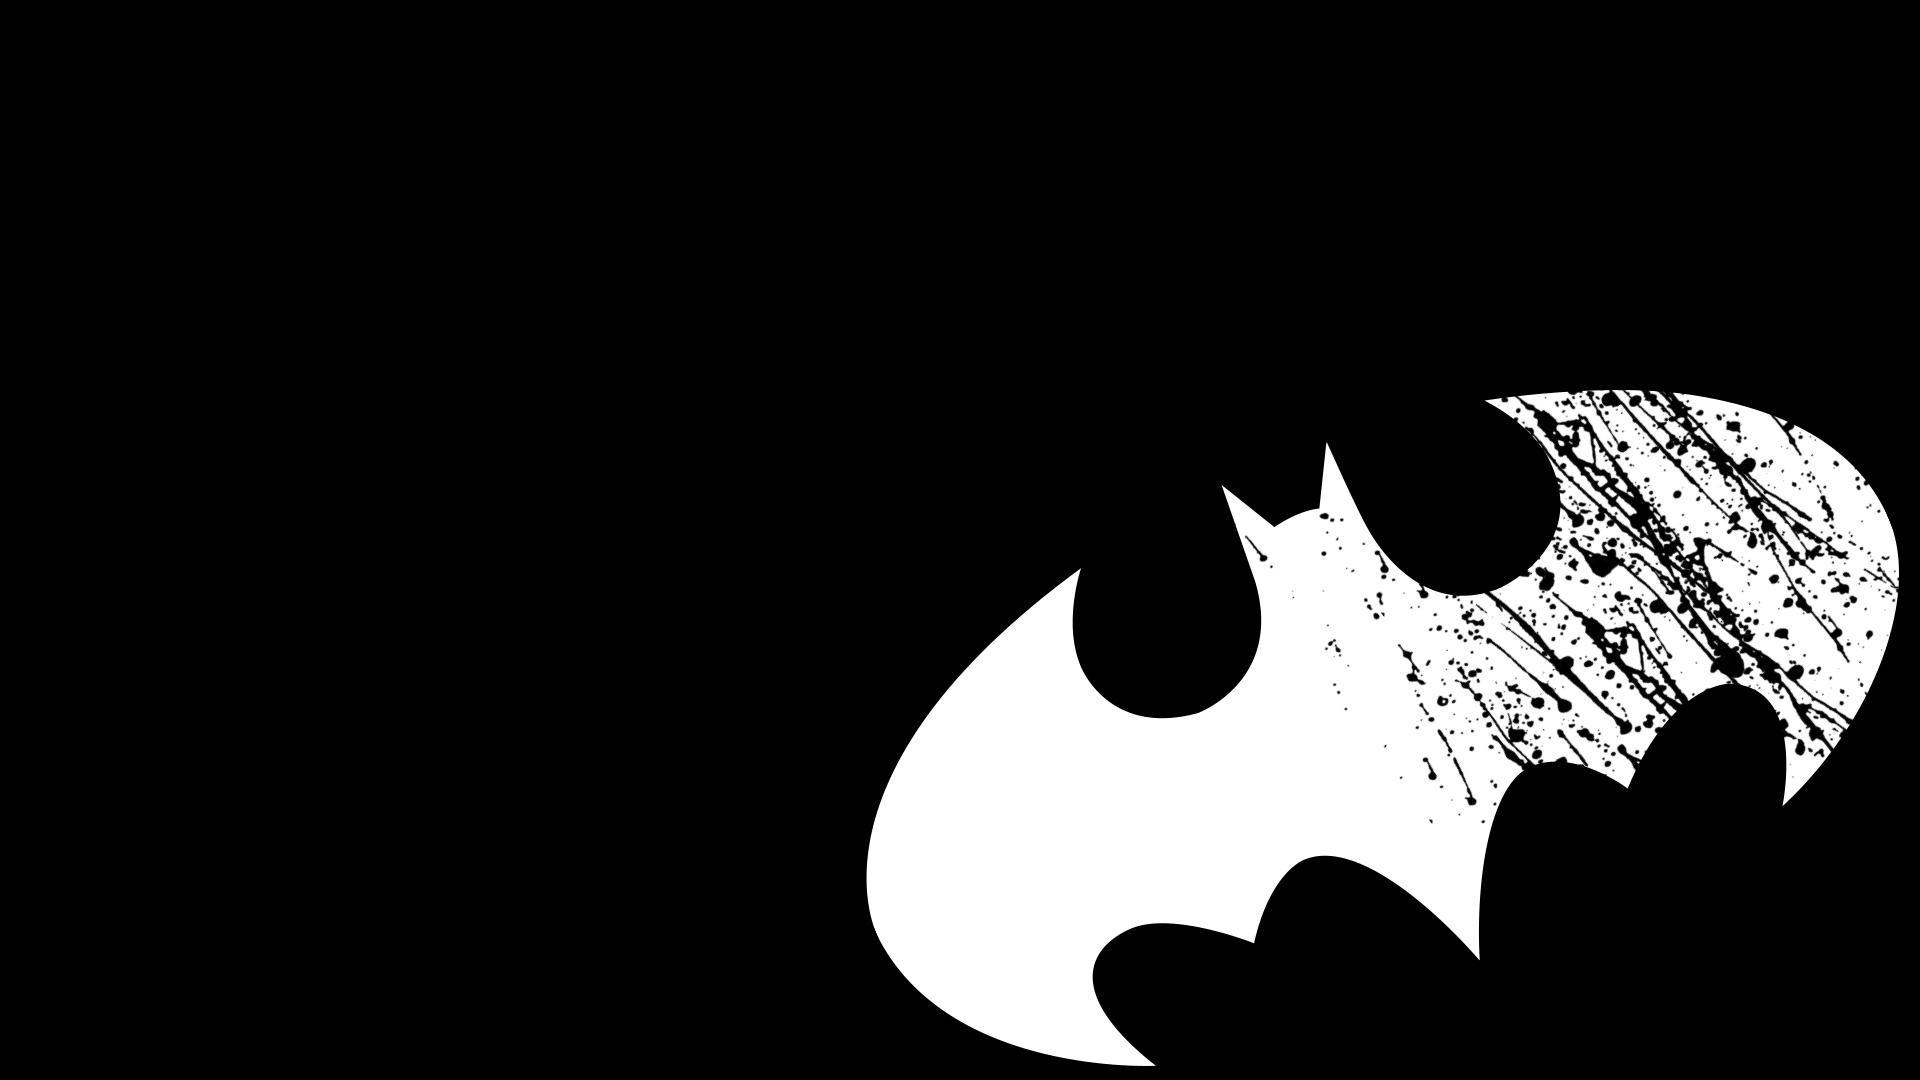 Batman Symbol Wallpaper Hd 67 Images